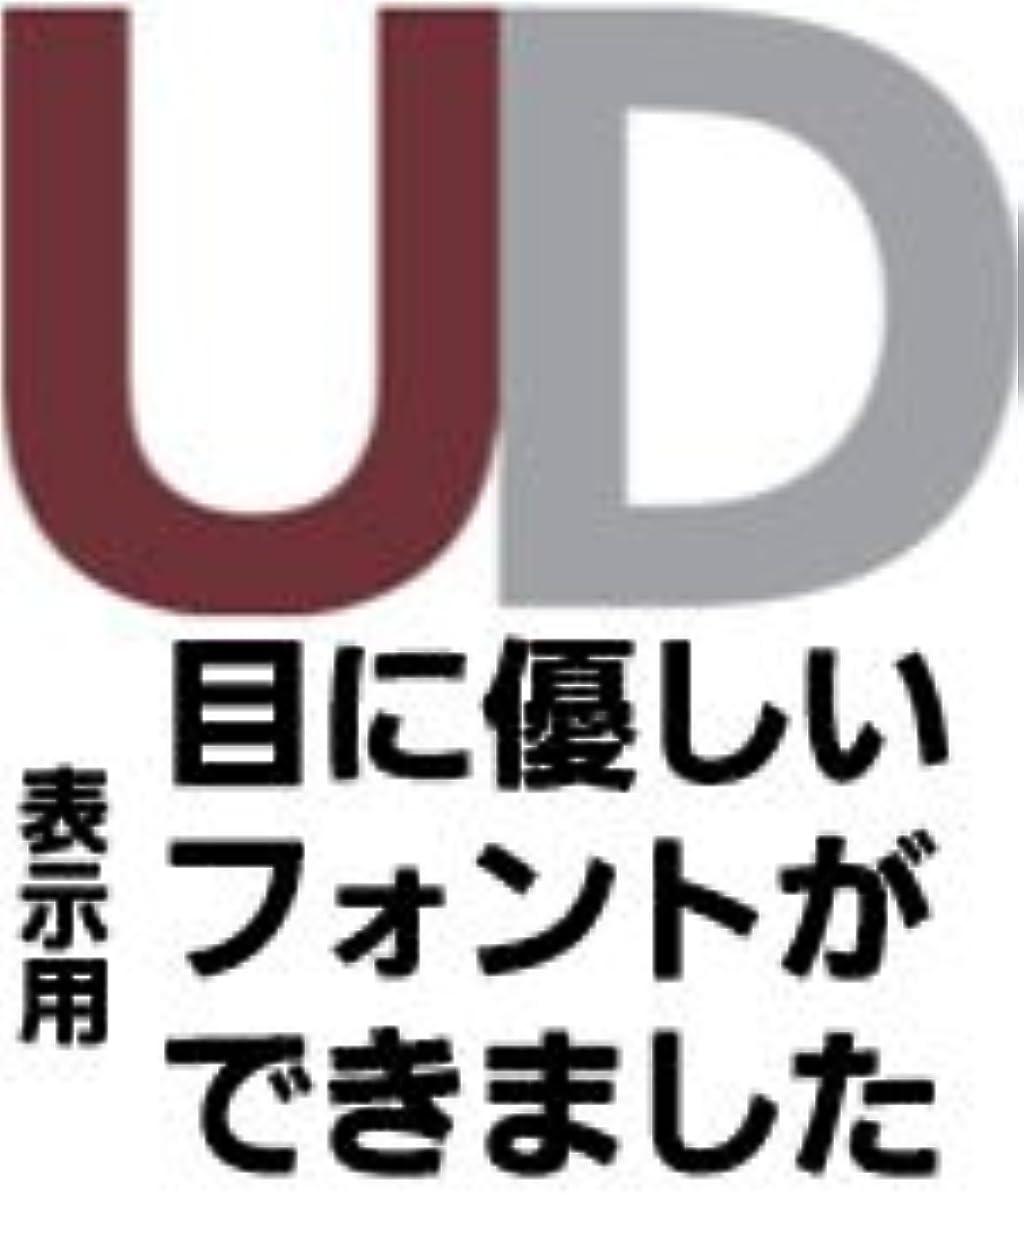 皿適応会計イワタ書体ライブラリーOpenType(Pro版) イワタUDゴシックE 表示用